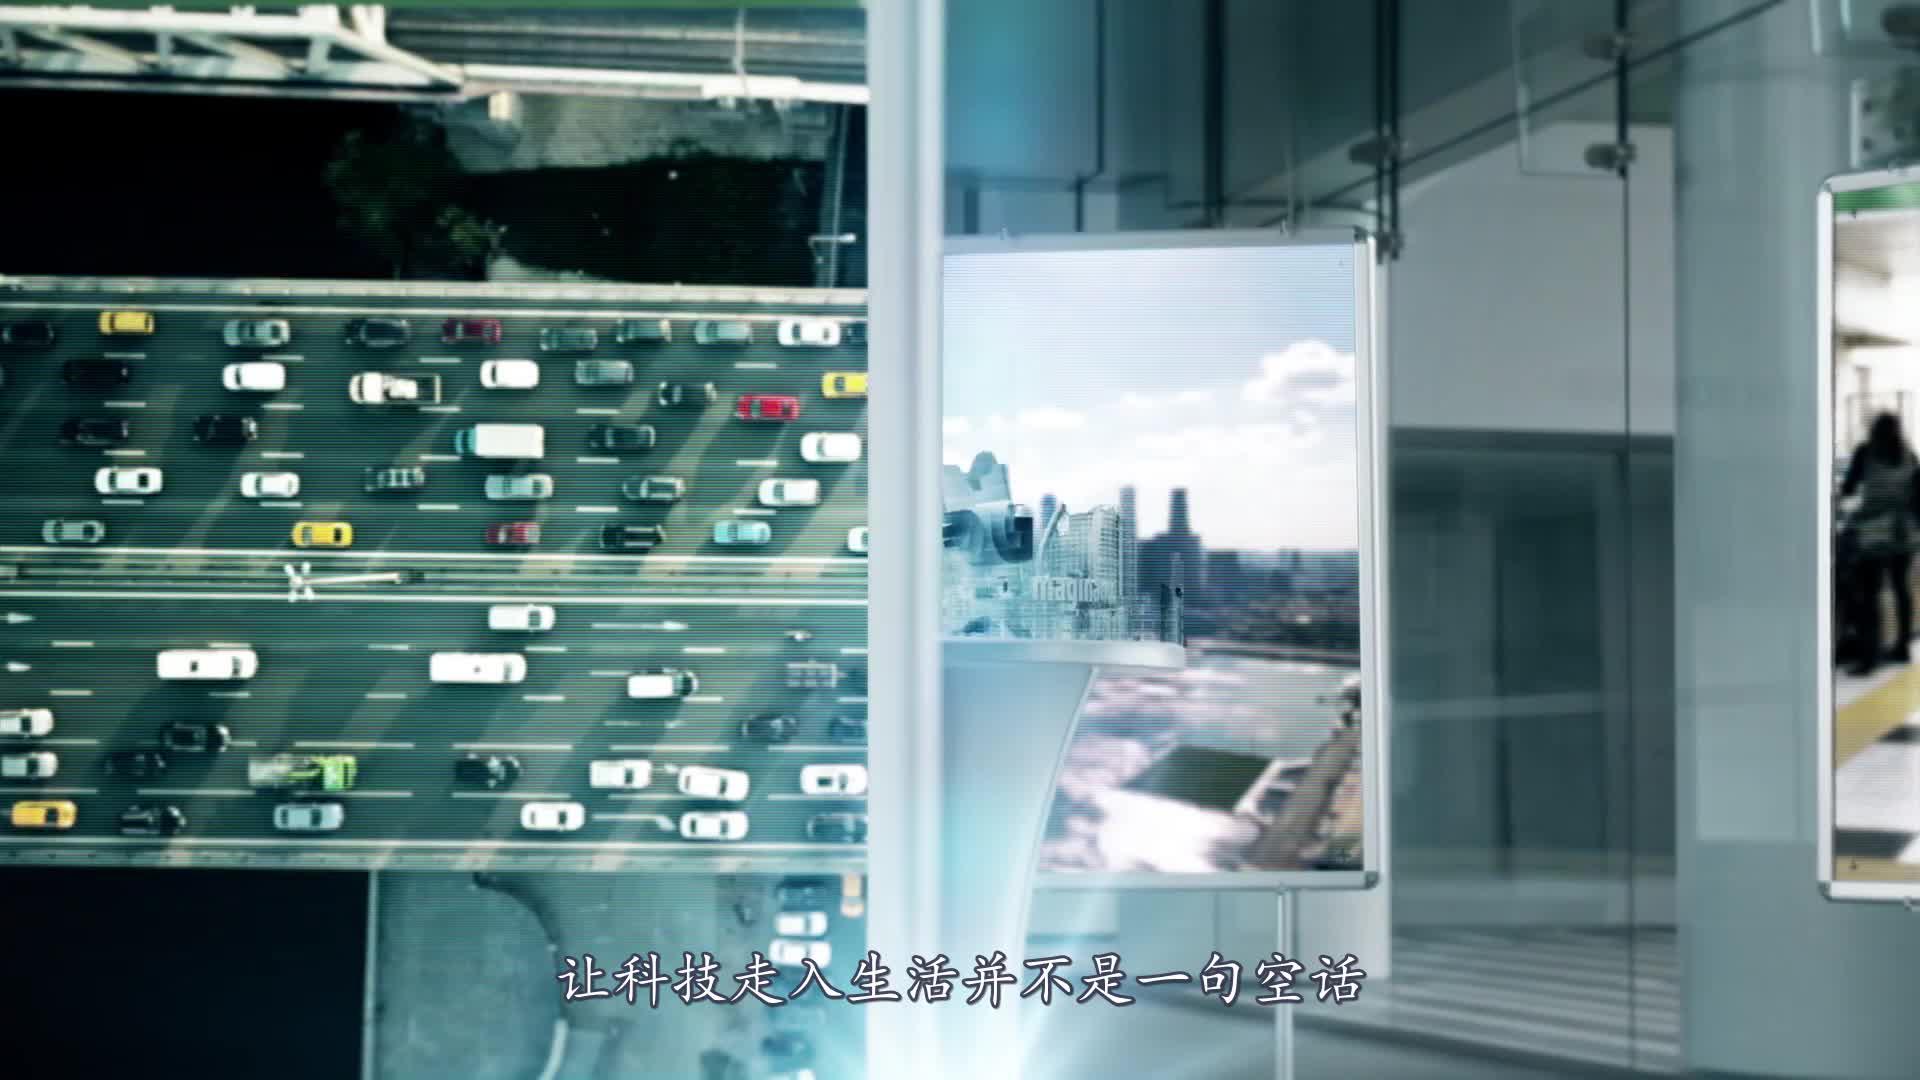 继女性机器人之后日本又推出男性机器人内部结构大胆又精致